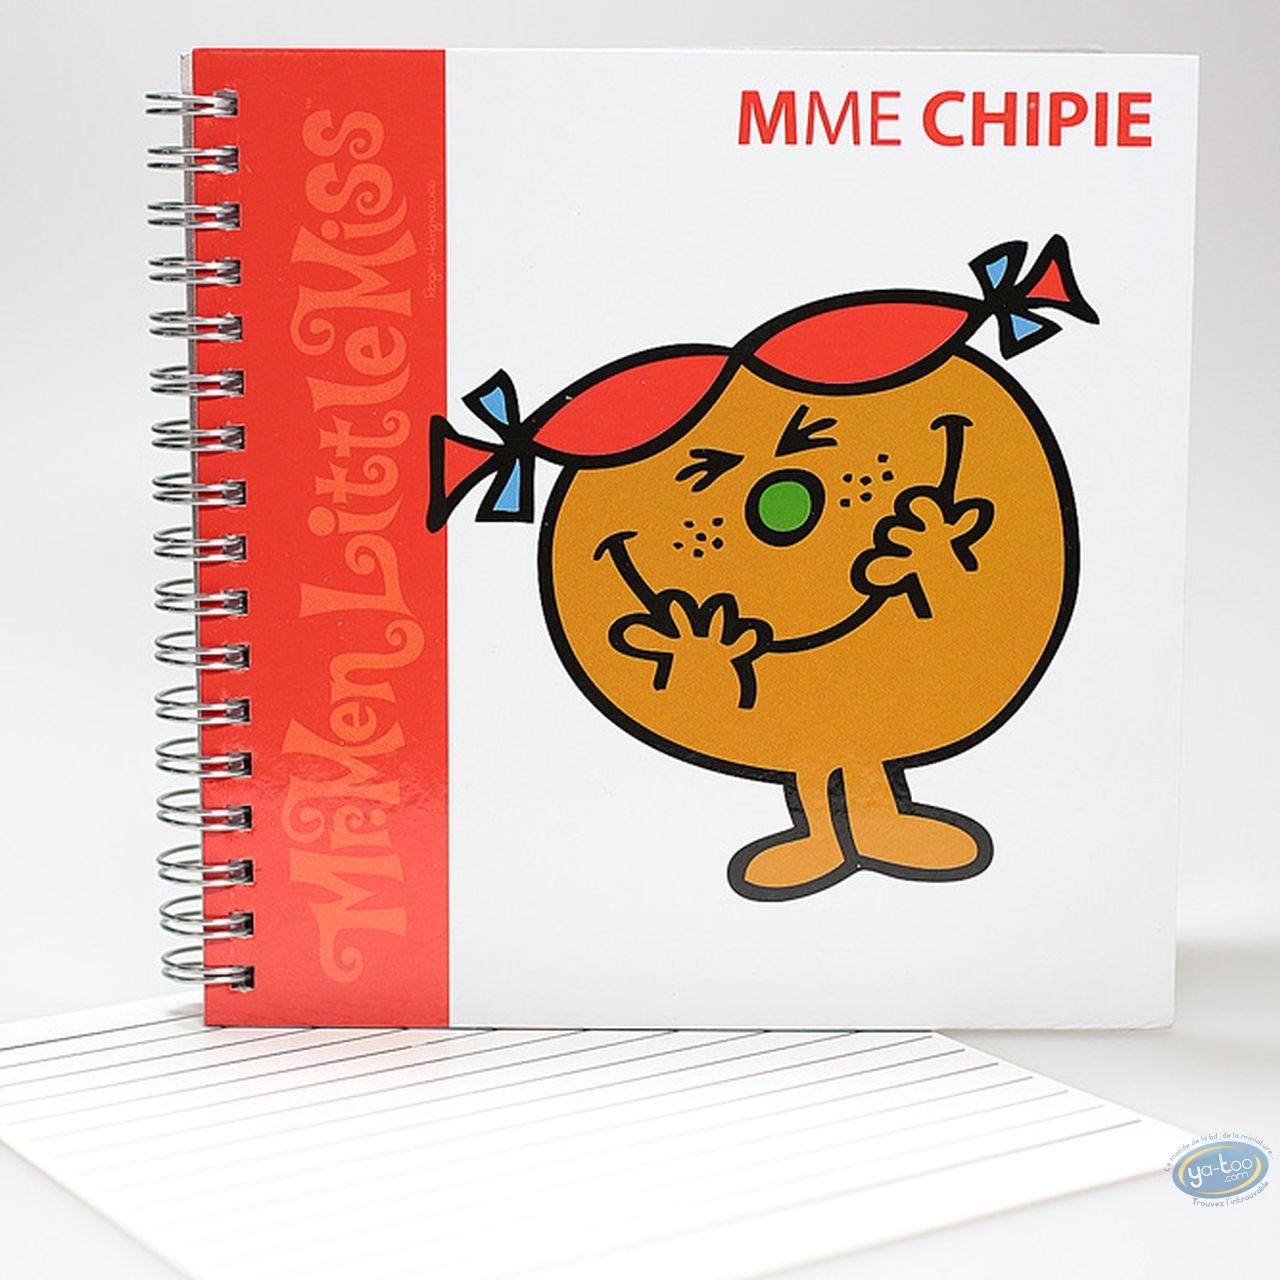 Carnet de notes, Monsieur et Madame : Carnet Spirales,  Mme Chipie : Rouge